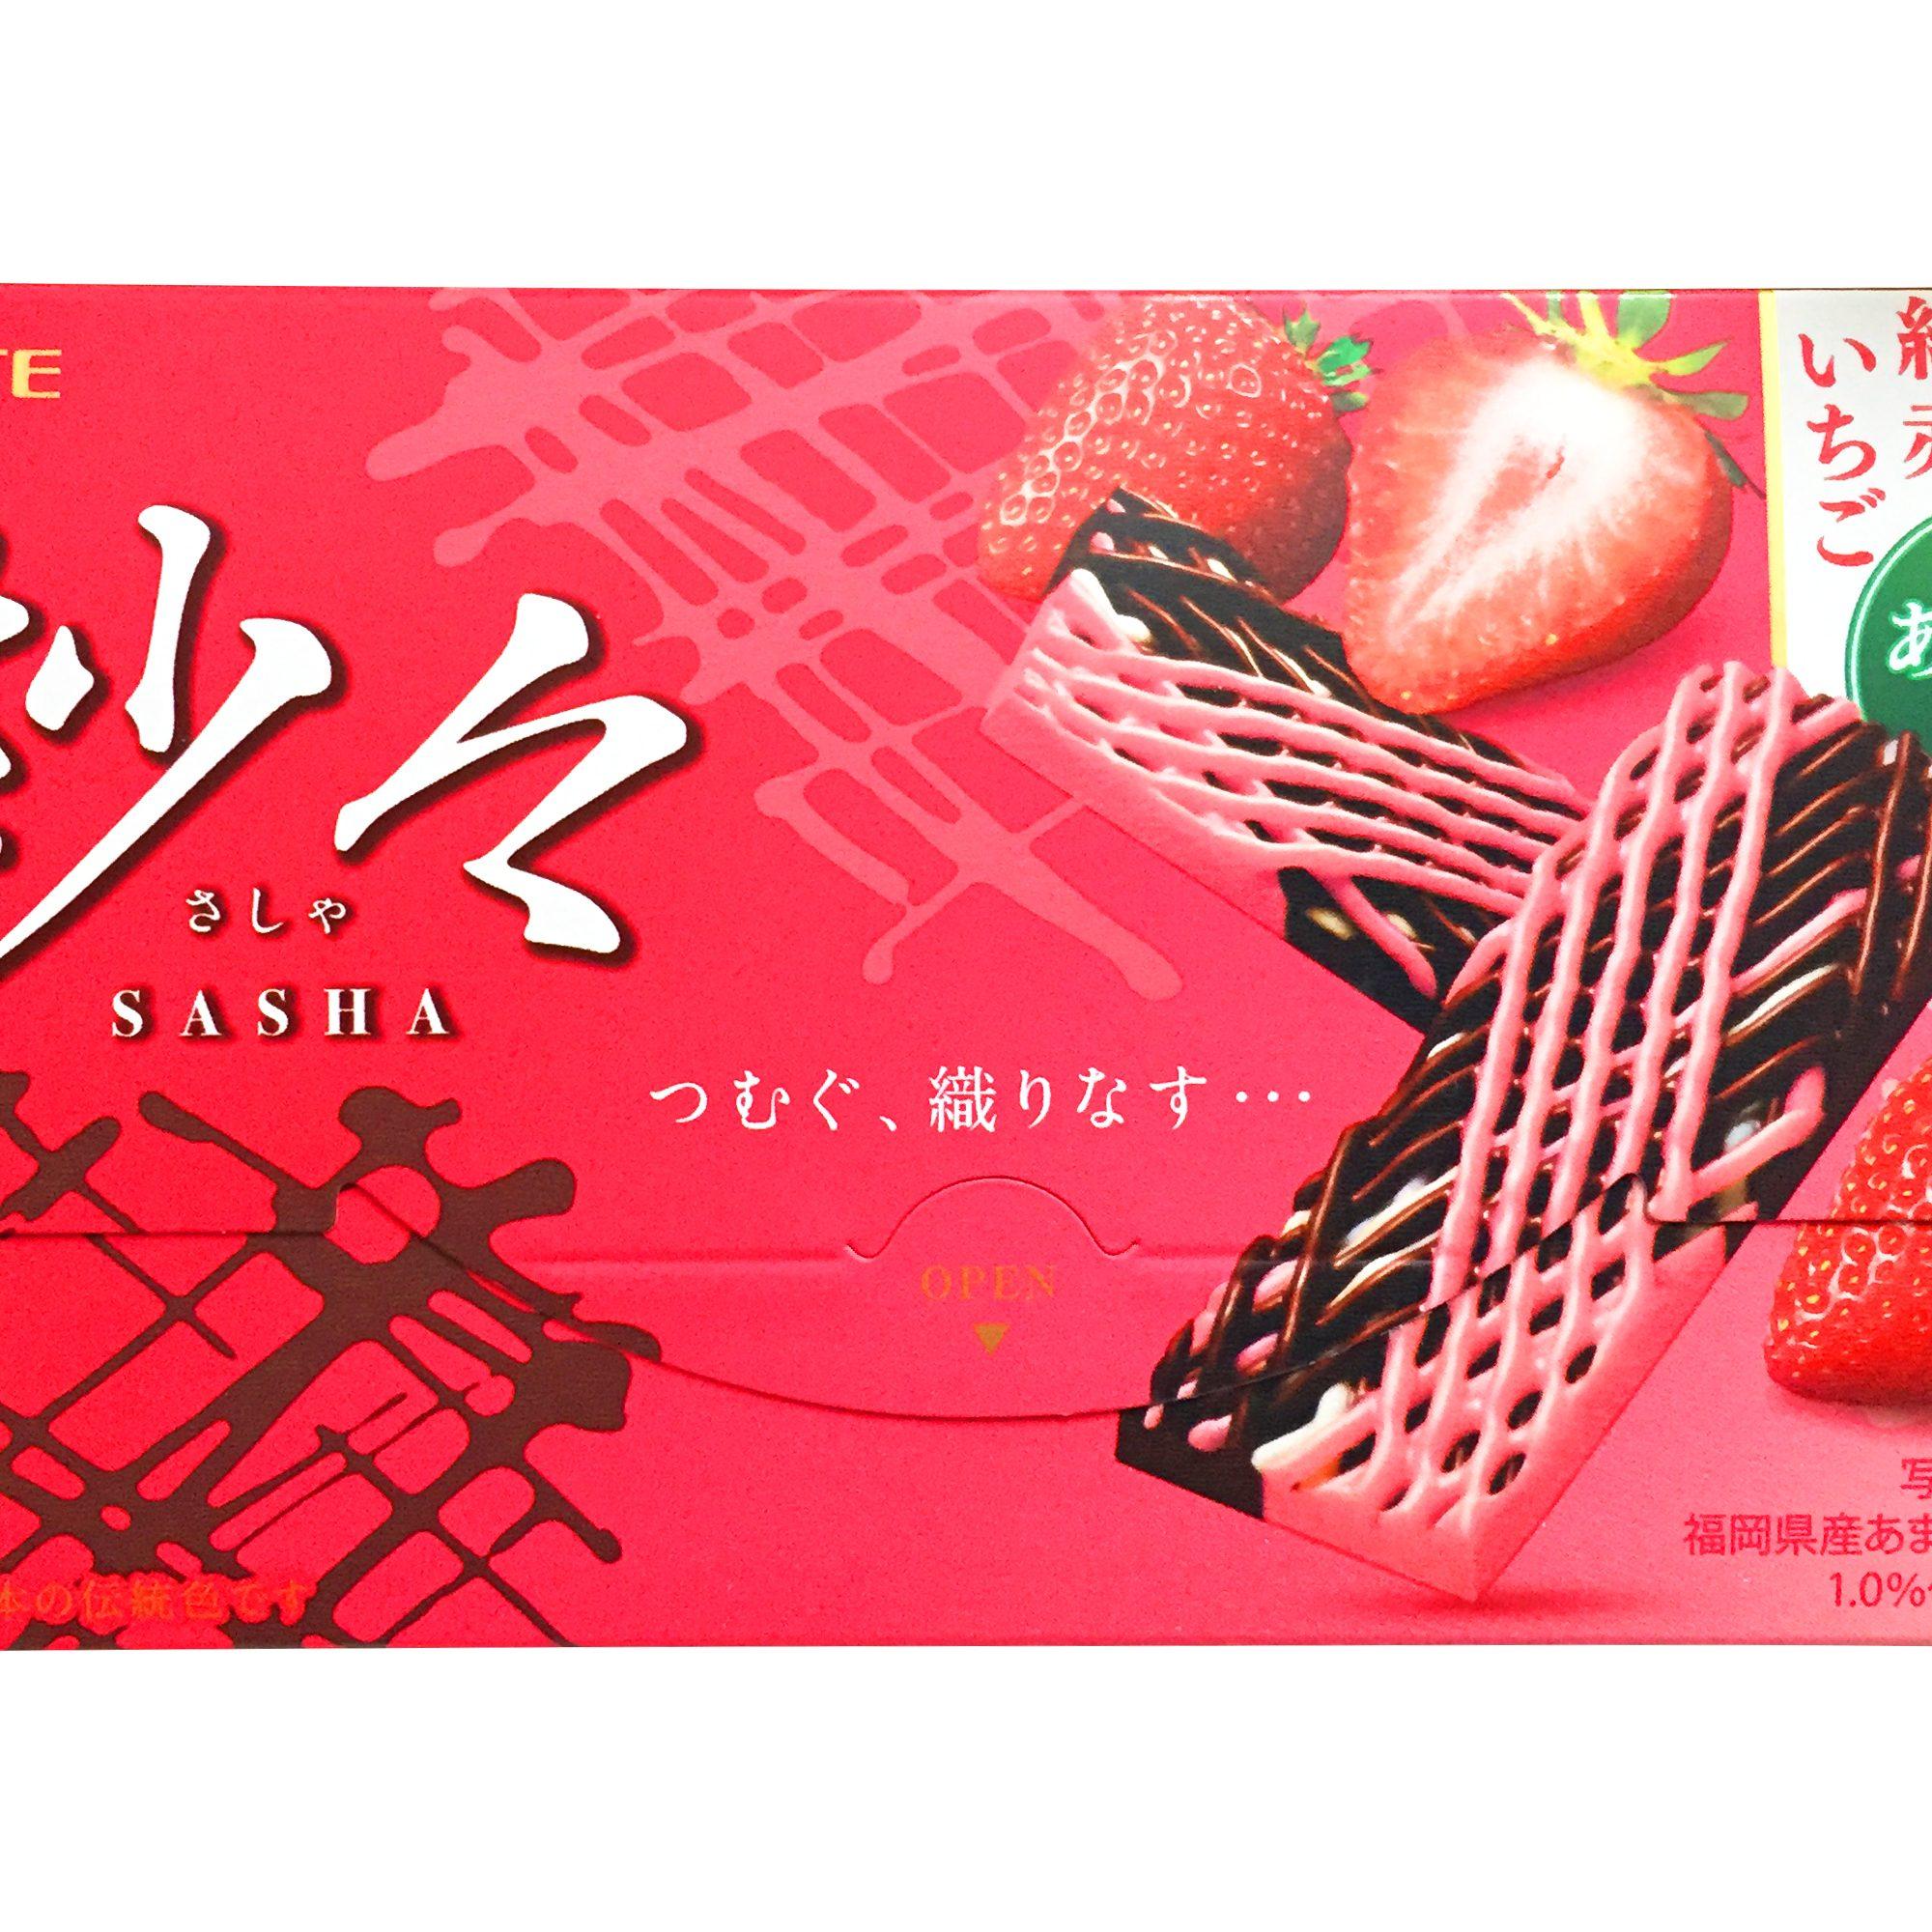 ロッテ『紗々<紅赤いちご>』はほろほろ解けて口どけの良い線状チョコレートとあまおう苺の風味が超贅沢◎